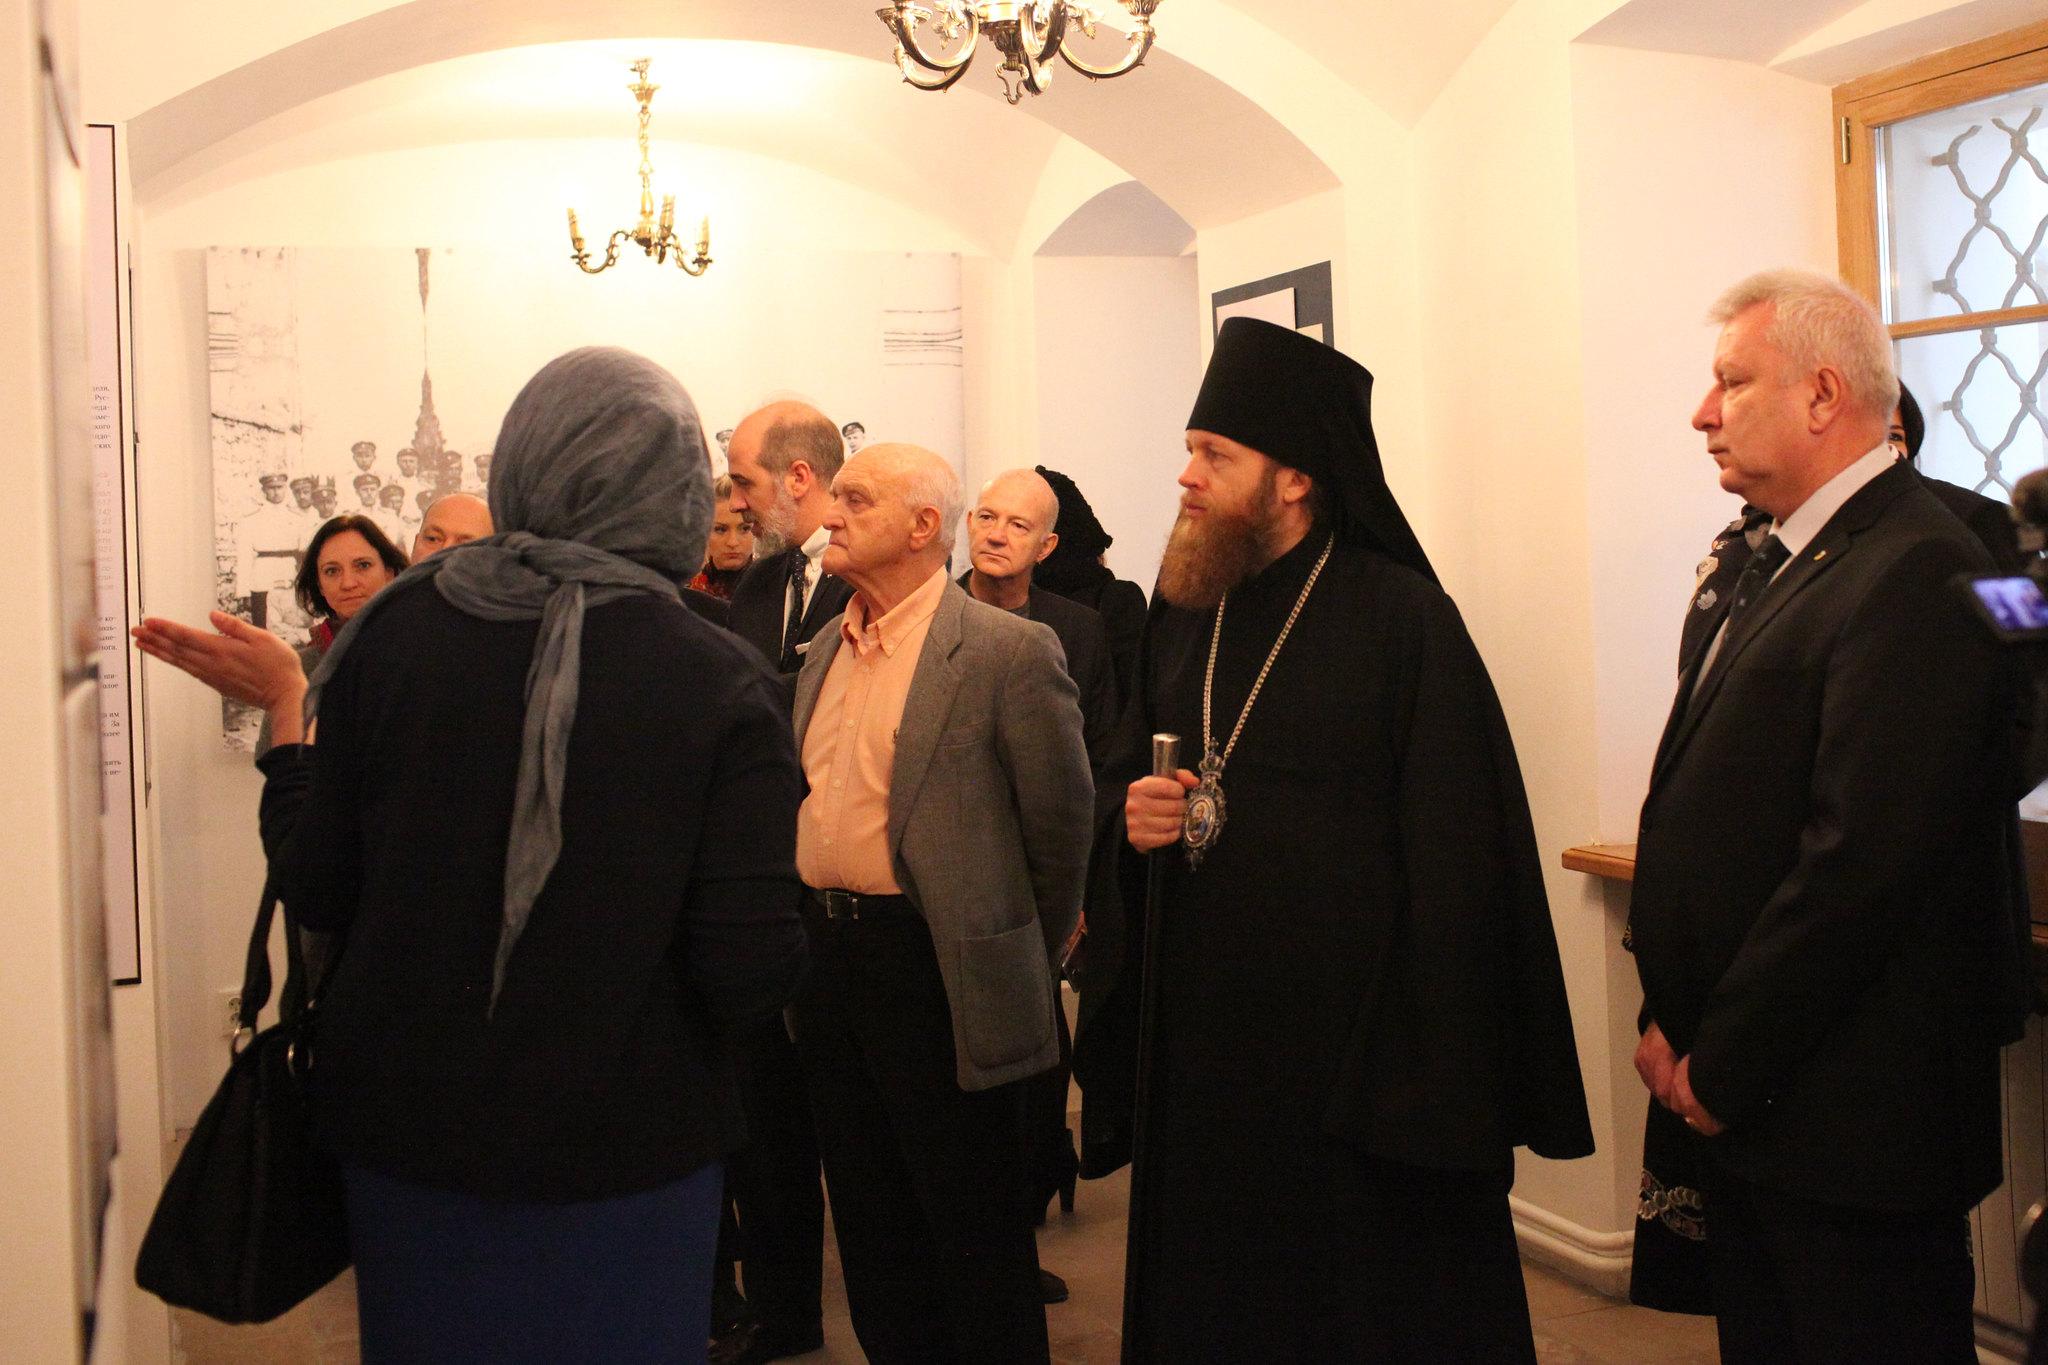 В Знаменской церкви Новоспасского монастыря открылась выставка «С нами Бог! Да воскреснет Россия!»